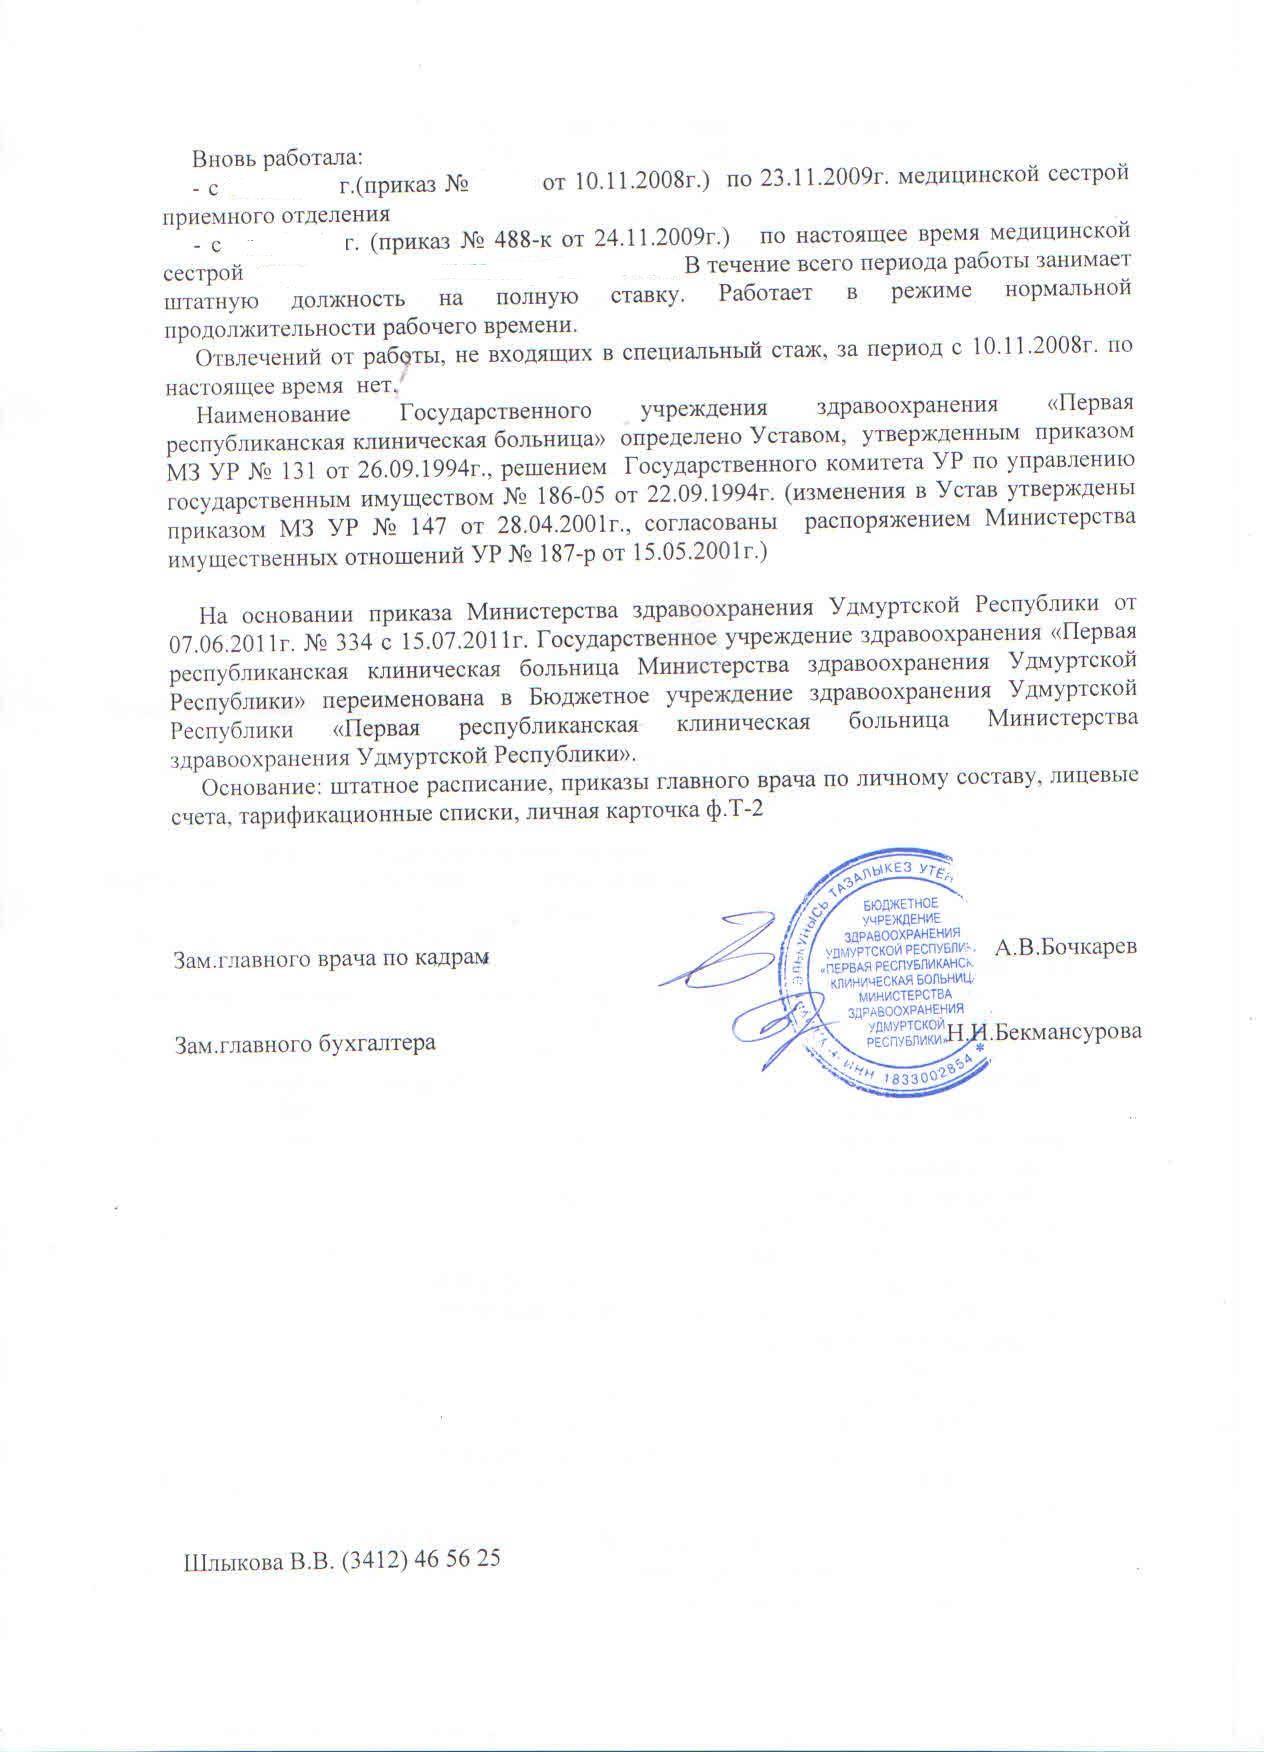 Начисления пенсии в иркутске